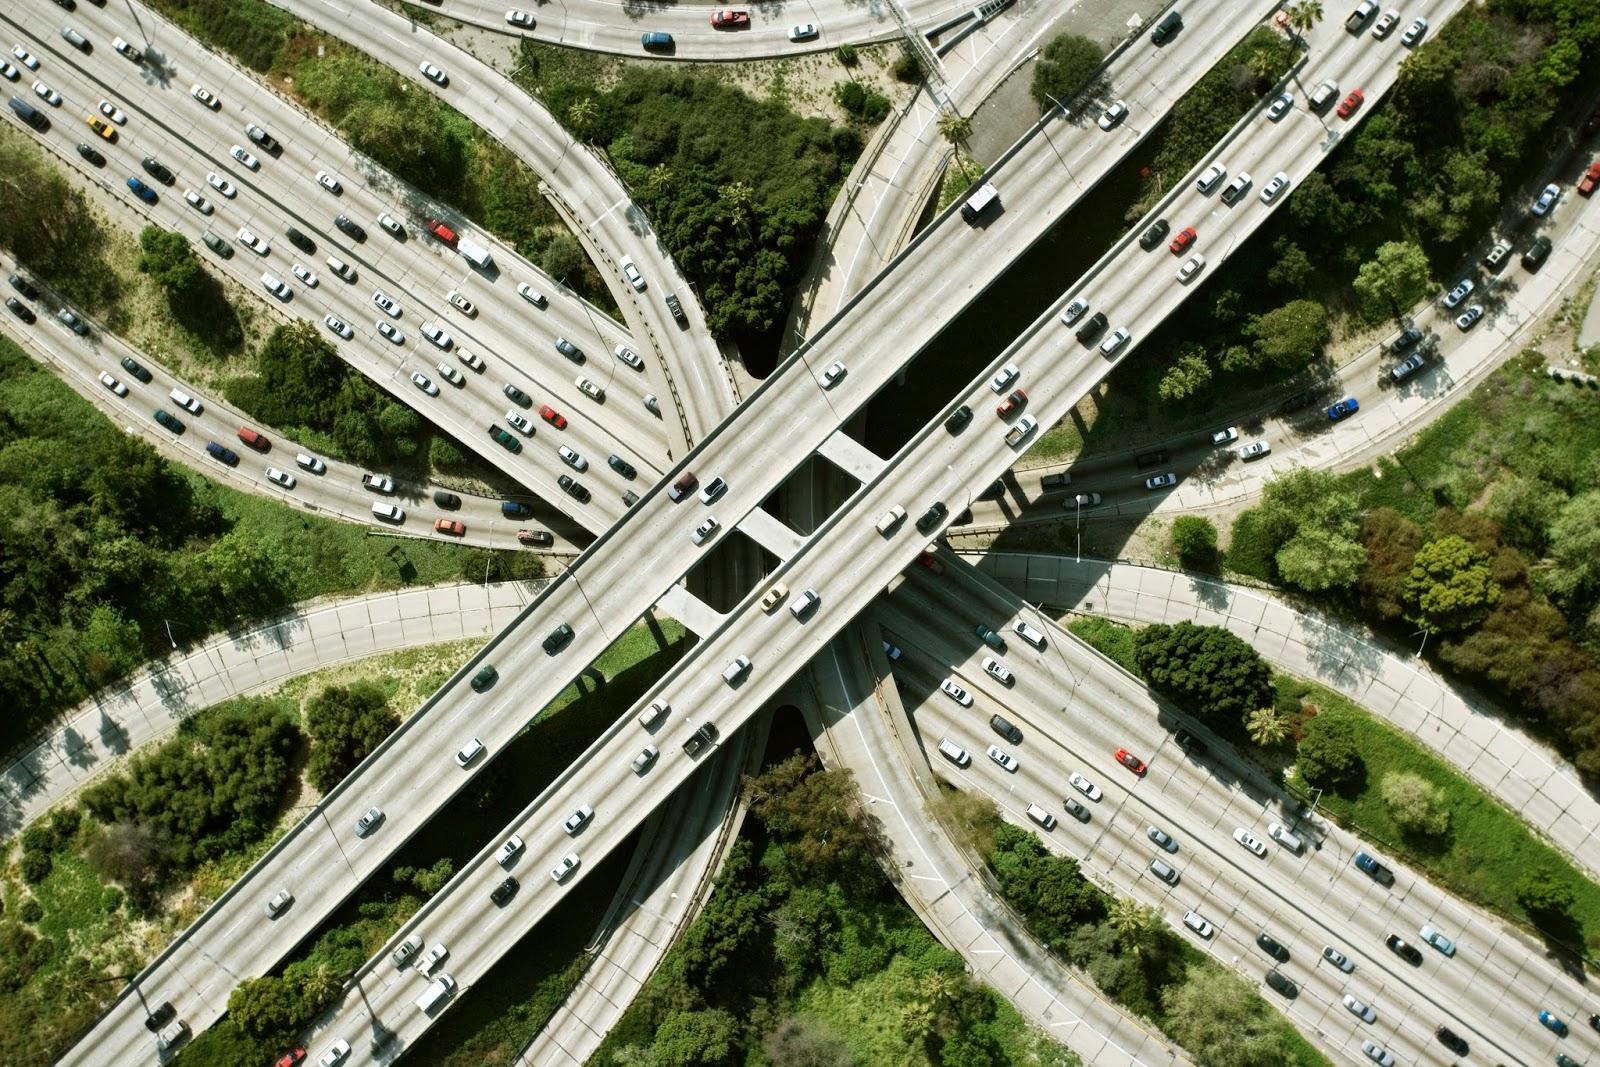 ما هي هندسة النقل والمواصلات؟ وما تخصصاتها؟ وما مجالاتها؟